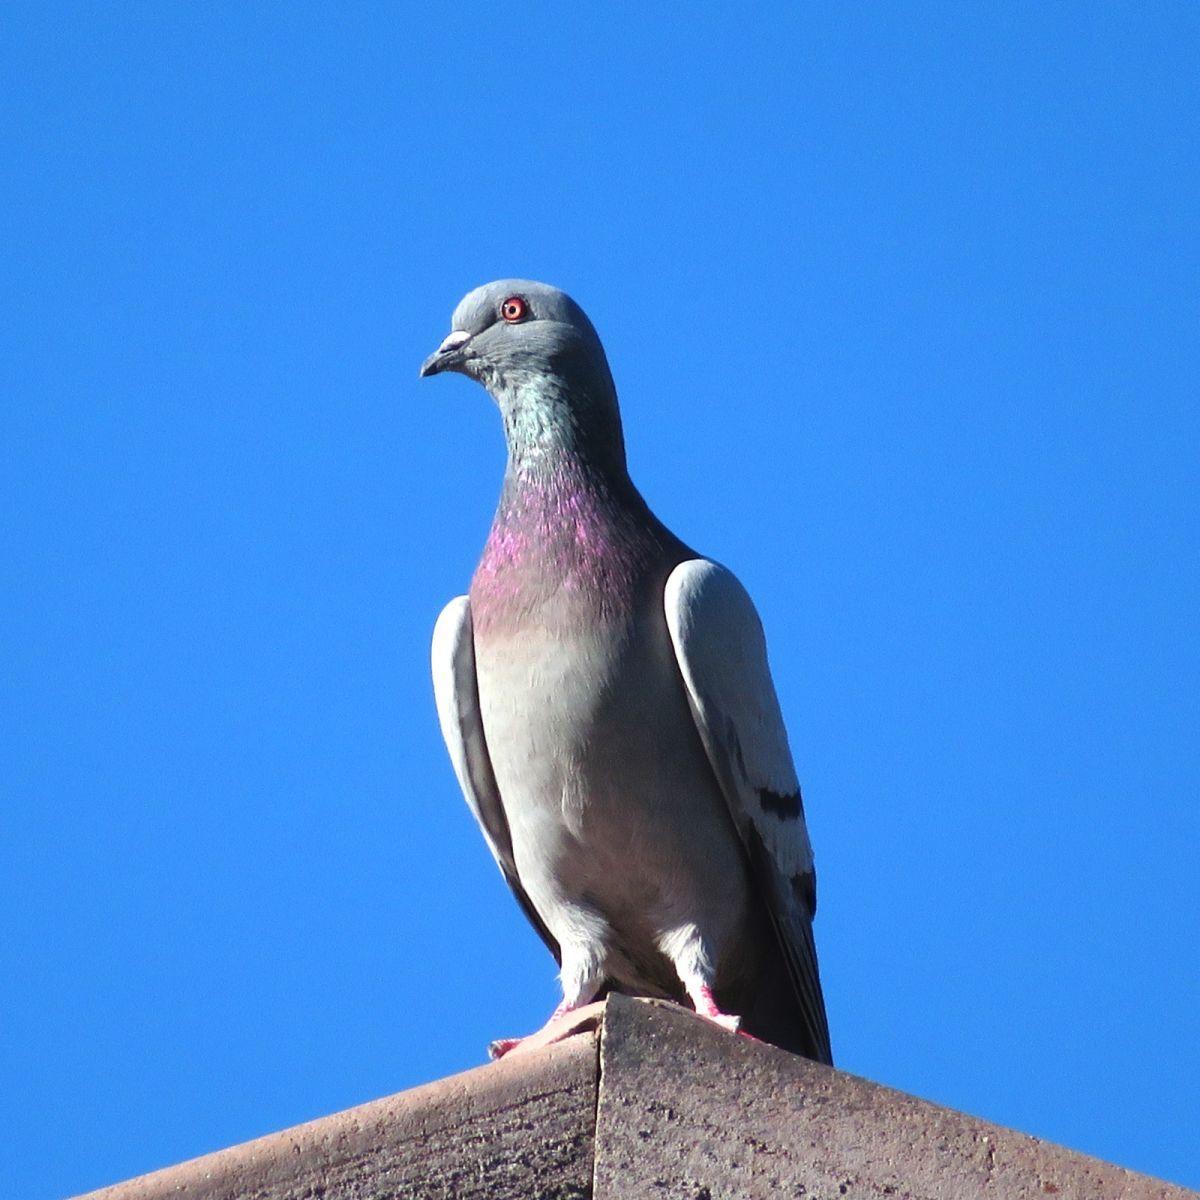 【摄影】蓝天的鸟_图1-5